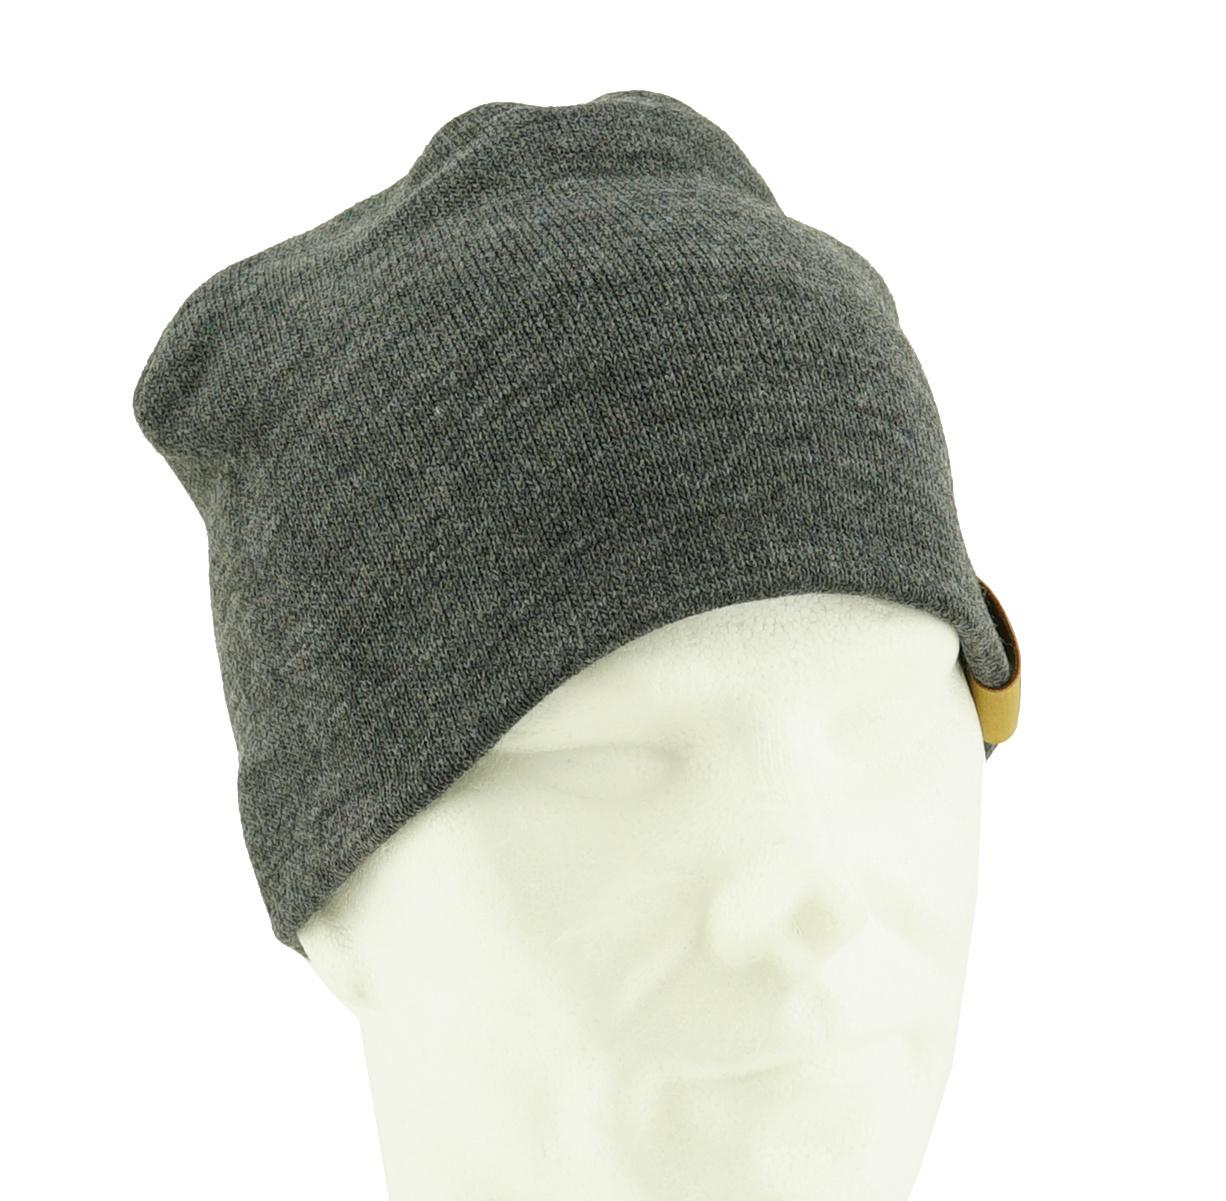 Topfanz Bonnet business dark gris - M